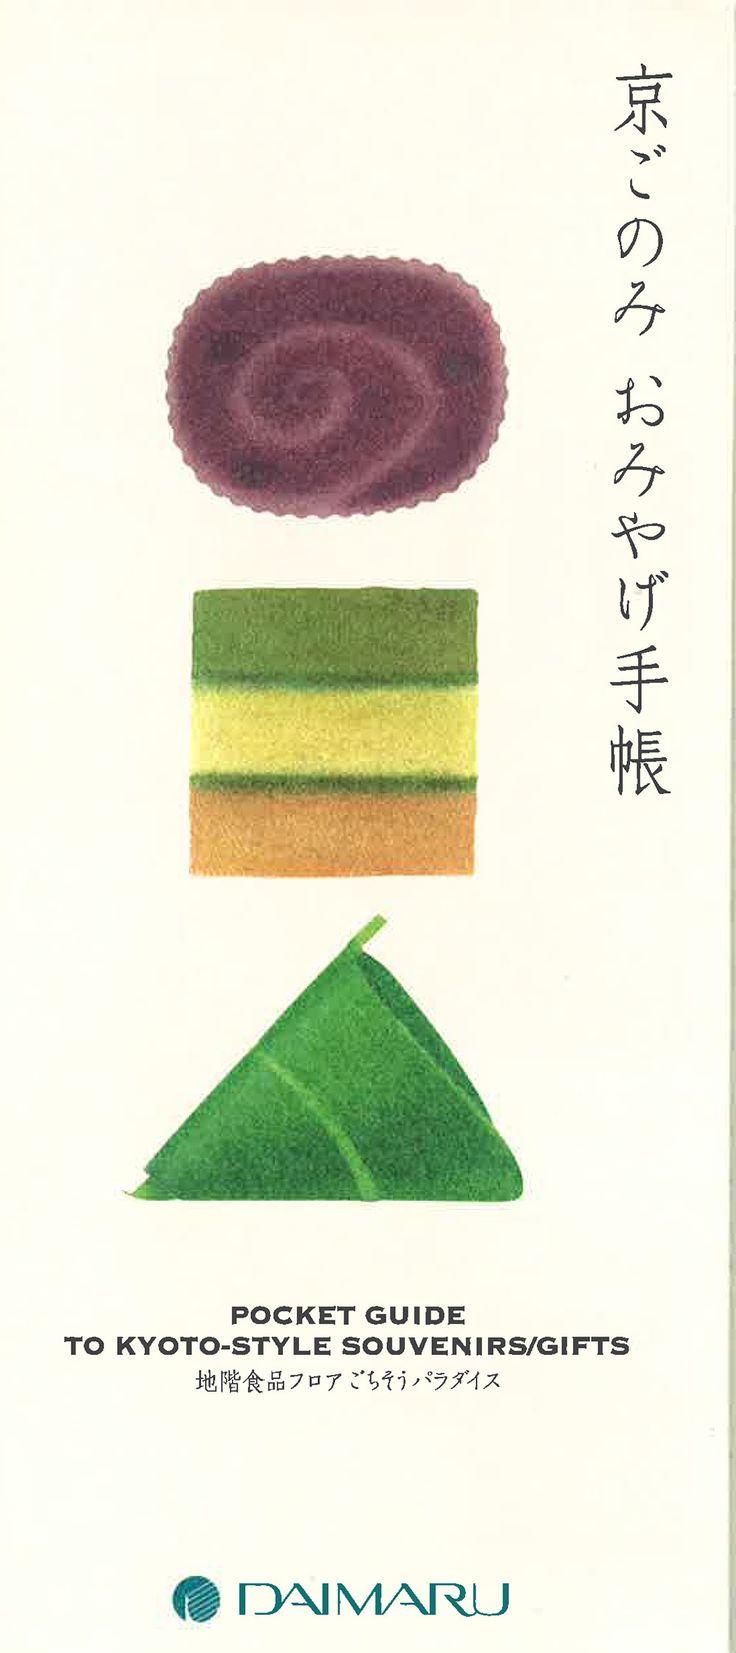 大丸「京ごのみ おみやげ手帳」パンフレットデザイン